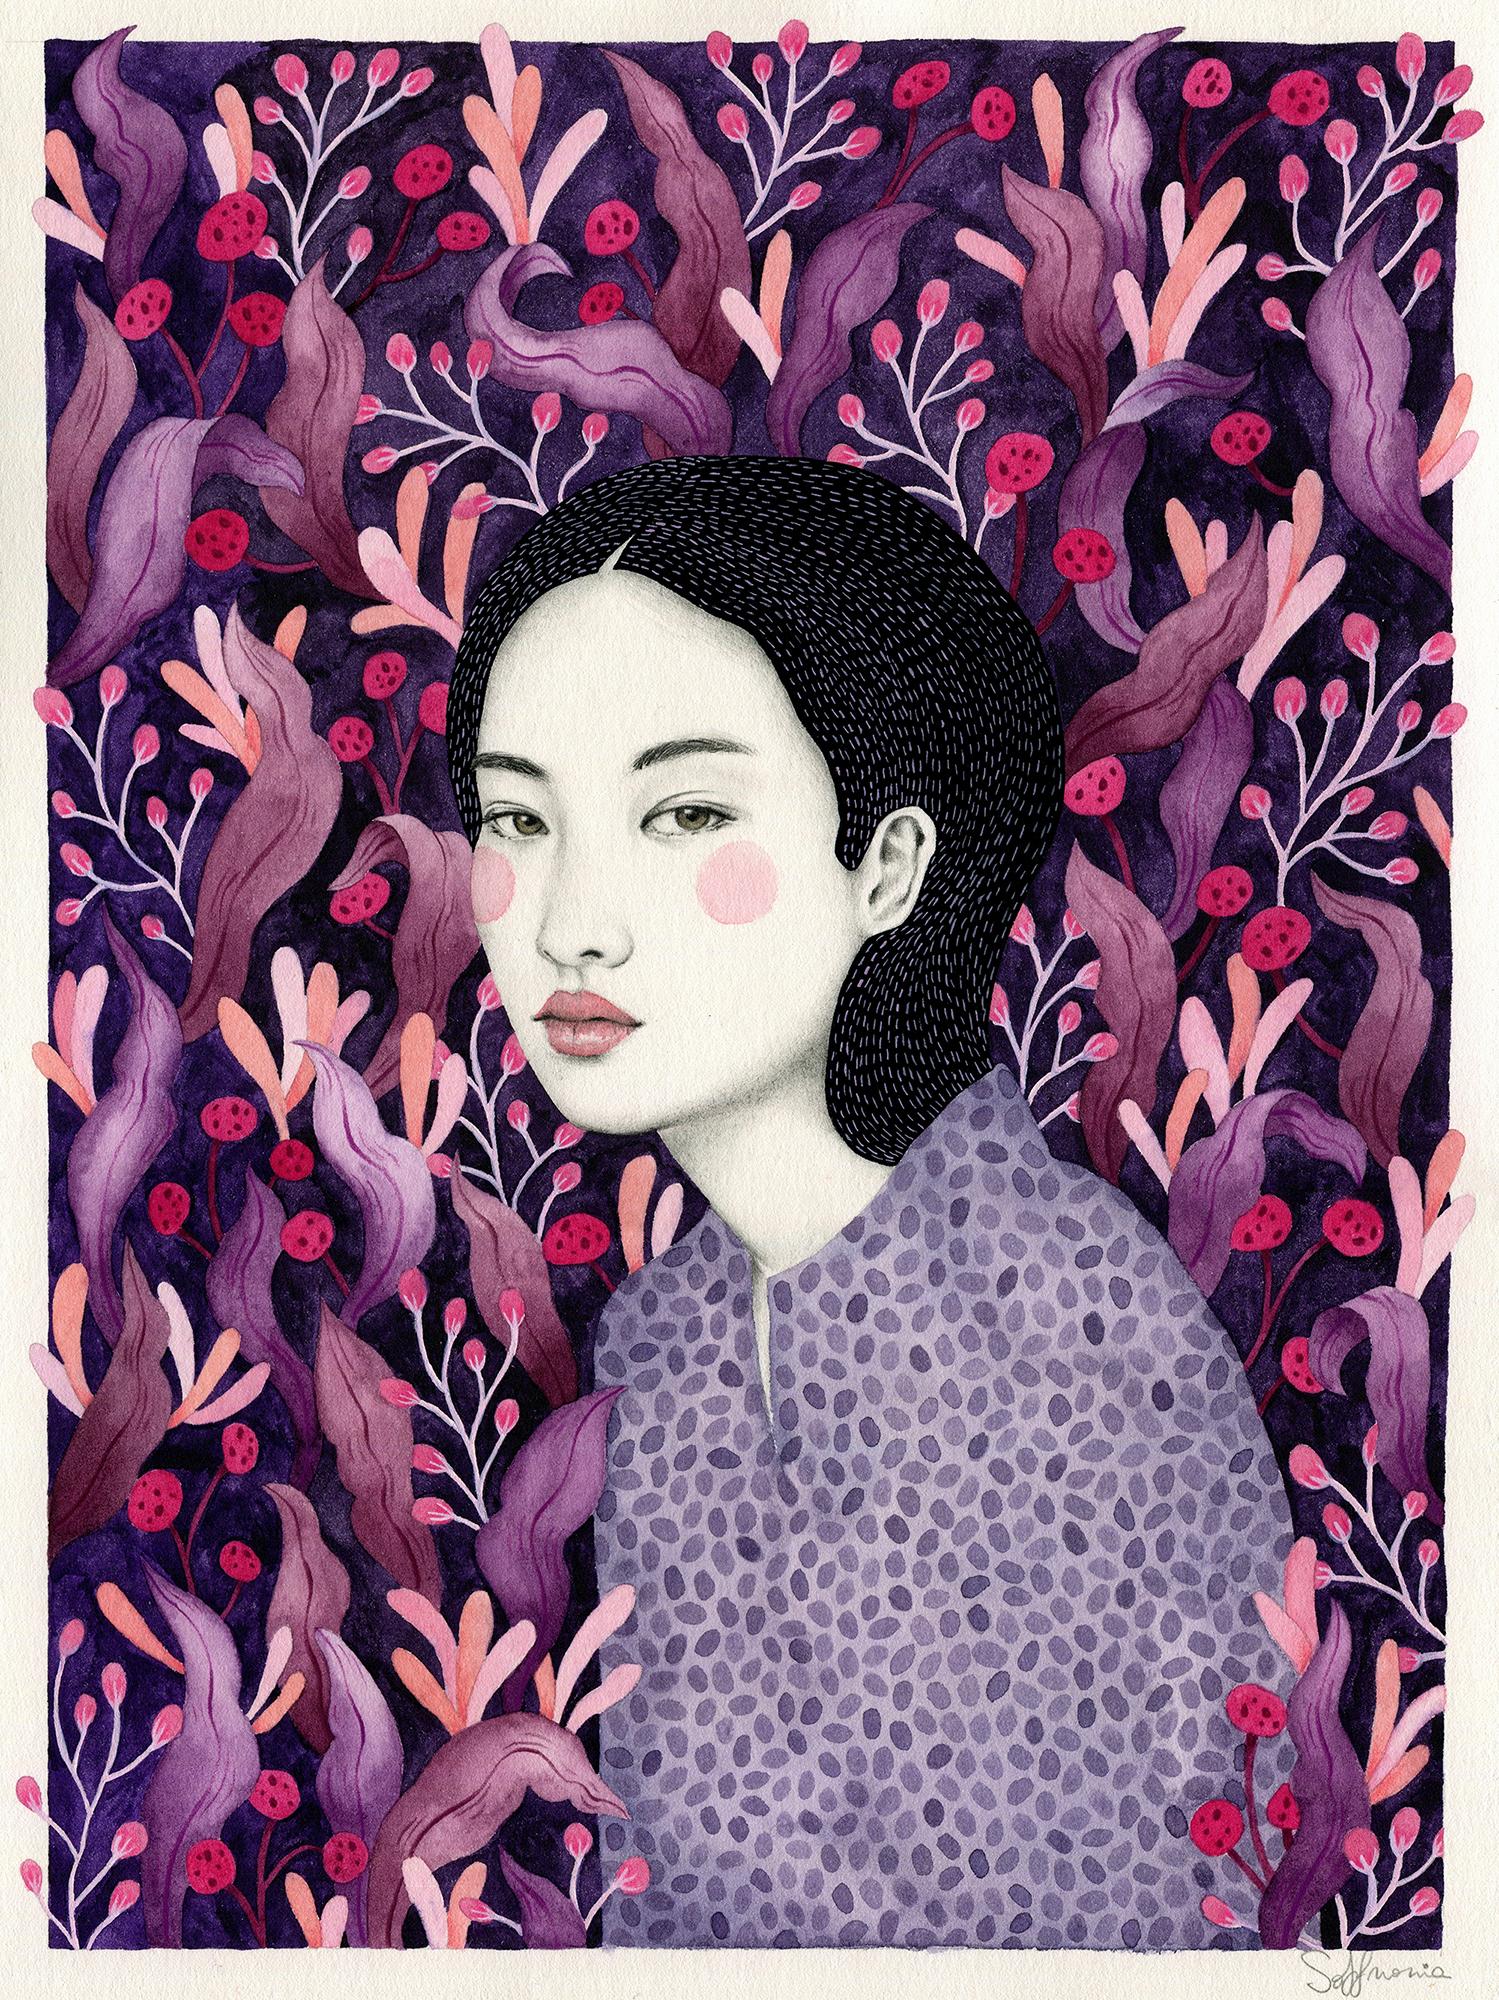 Sofia Bonati,  Lucinda , Watercolor on paper, 13 x 9.5, $800